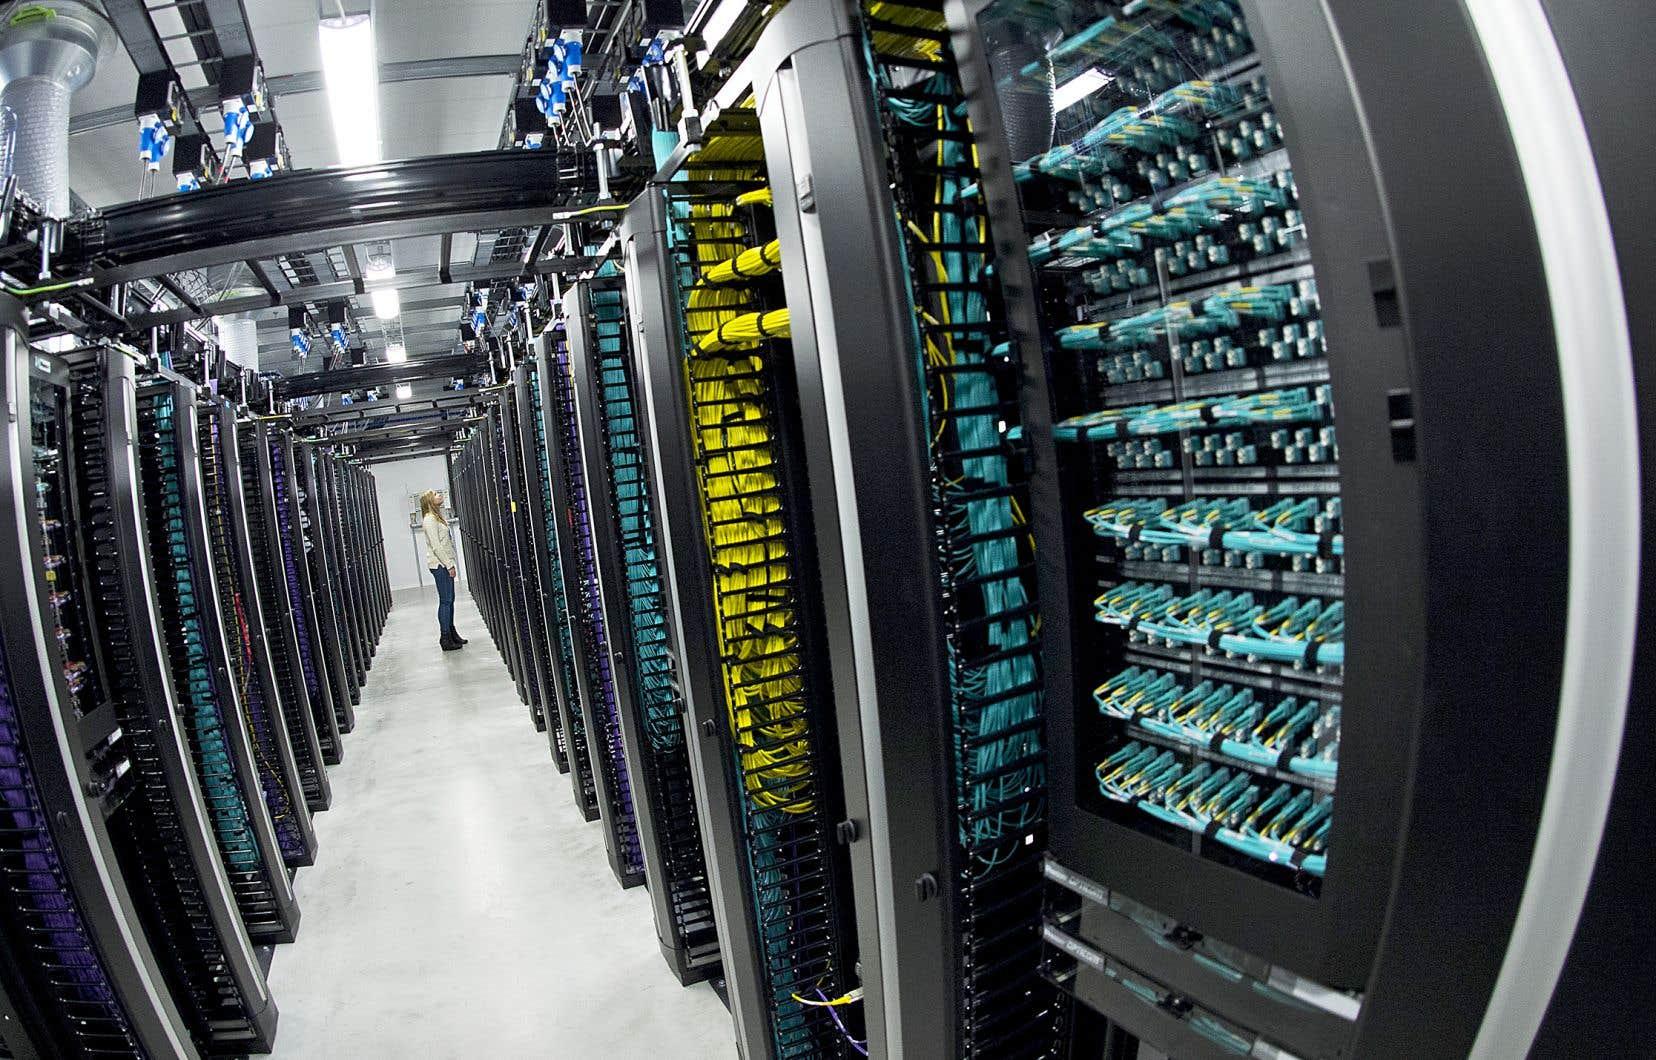 Depuis 2017, Québec et Ottawa auraient investi près de 2,5milliards de dollars en infrastructures techniques, comme des centres de données et des réseaux sans fil plus performants, et en «infrastructures de la connaissance», comme des laboratoires de recherche ou des incubateurs.